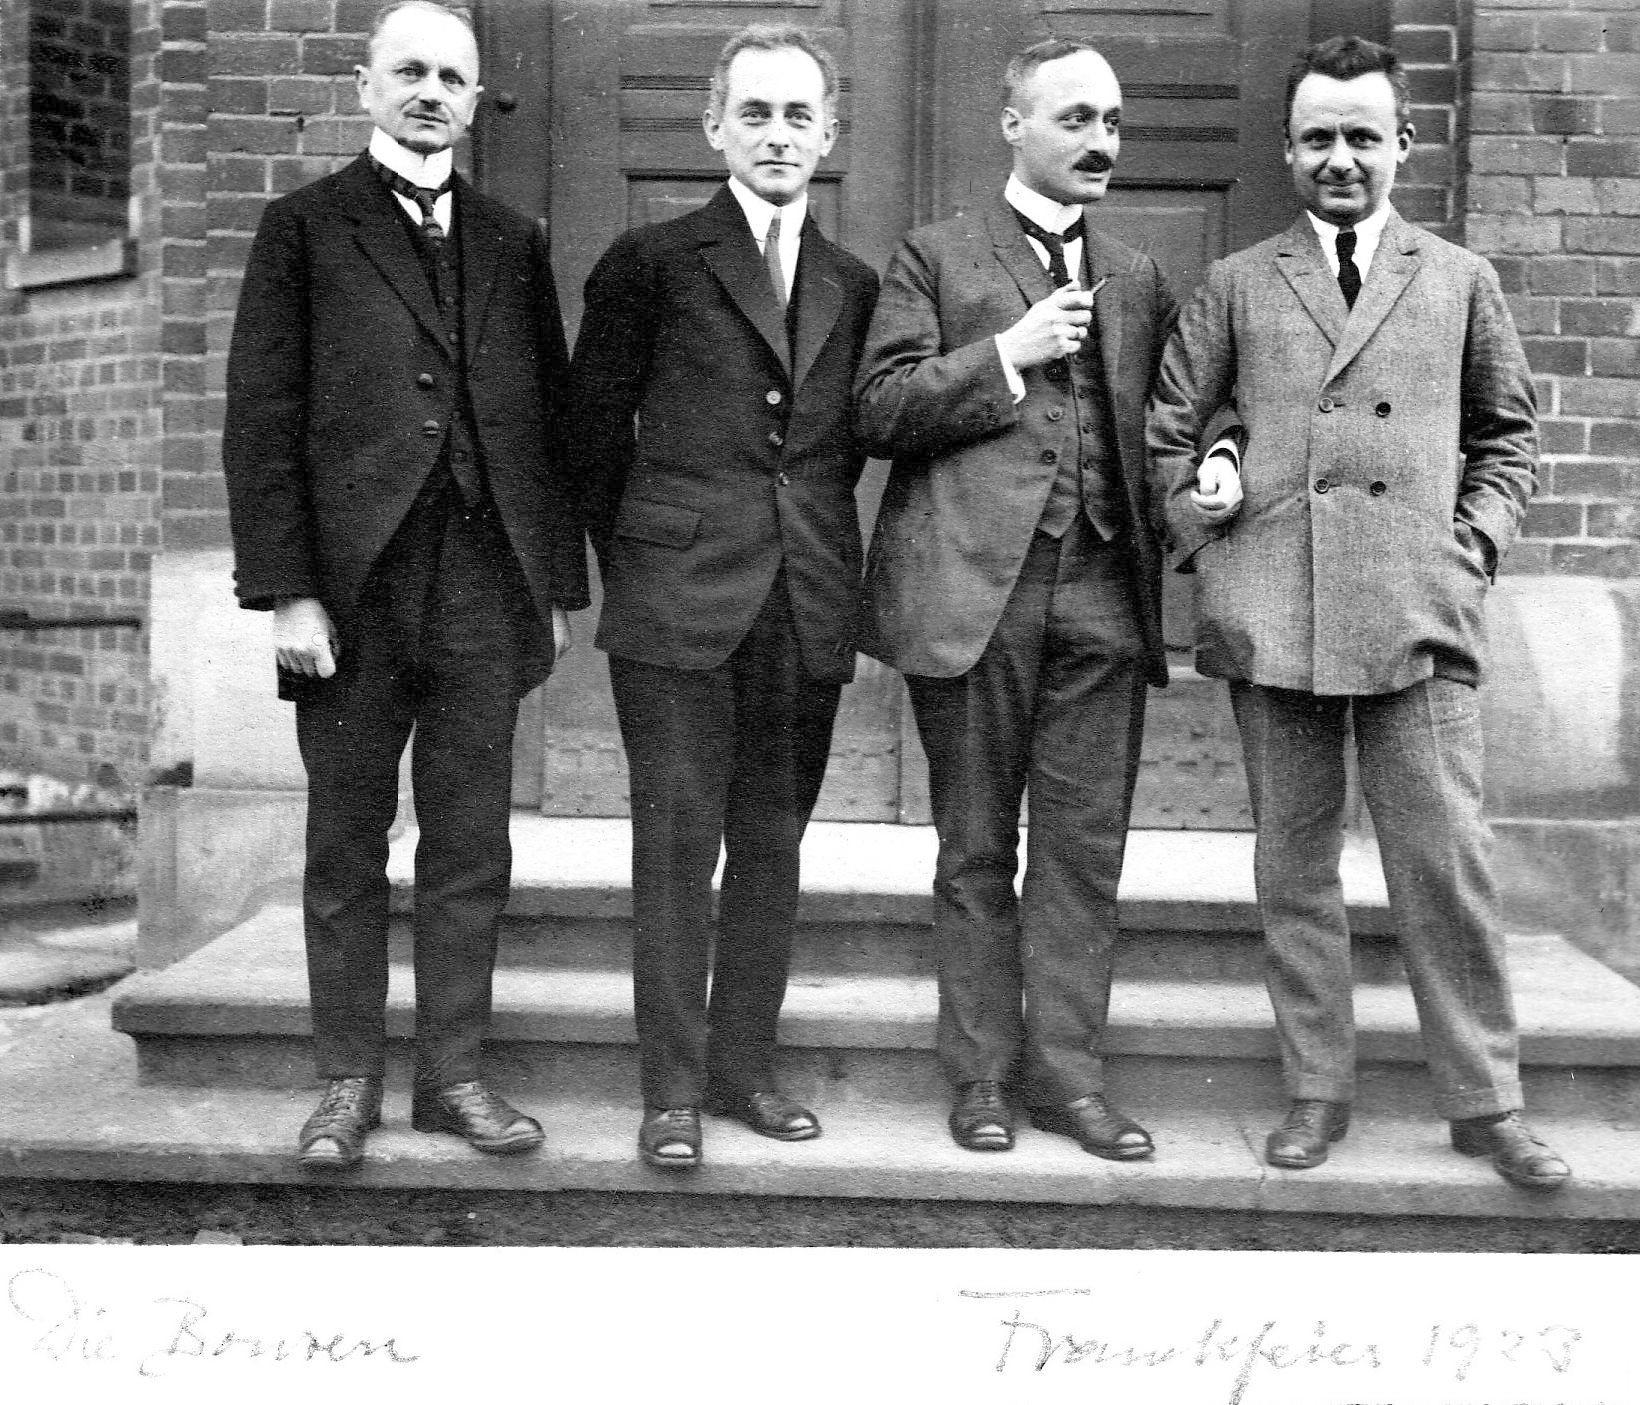 File:Franckfeier 1923 Die Bonzen.jpg